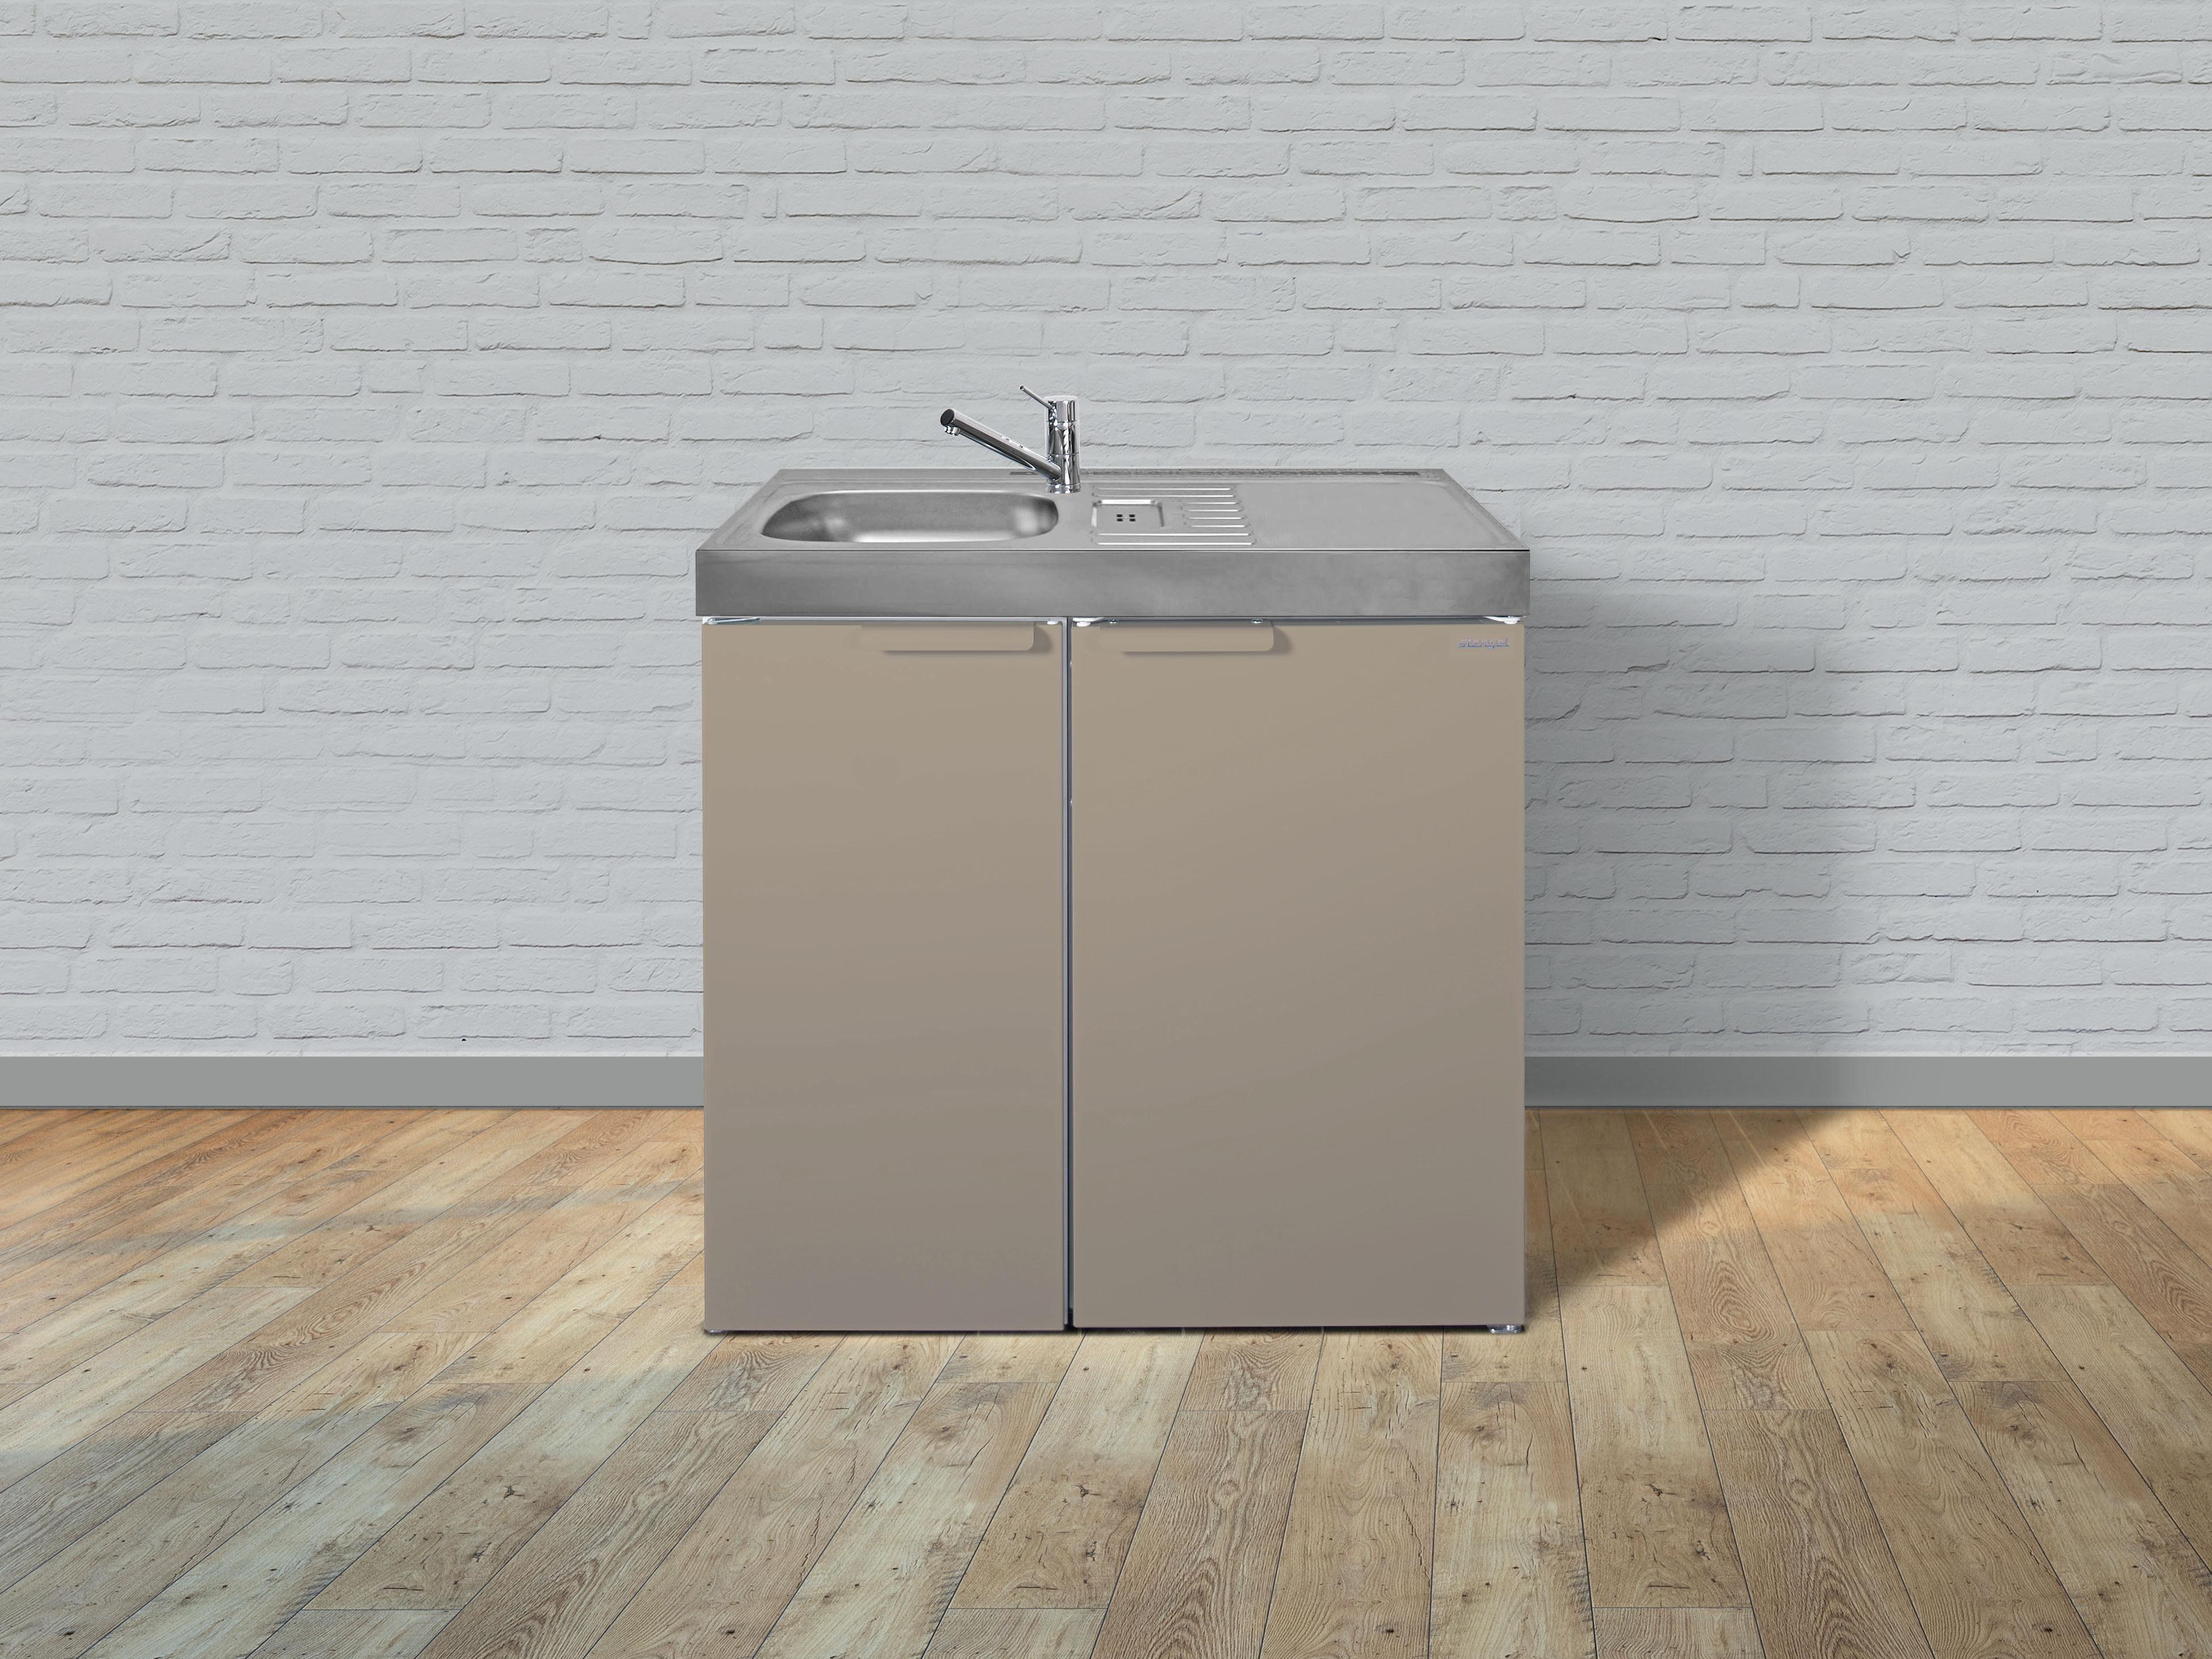 Mini Kühlschrank Mit Gefrierfach Otto : Stengel metall miniküche kitchenline mk mit kühlschrank